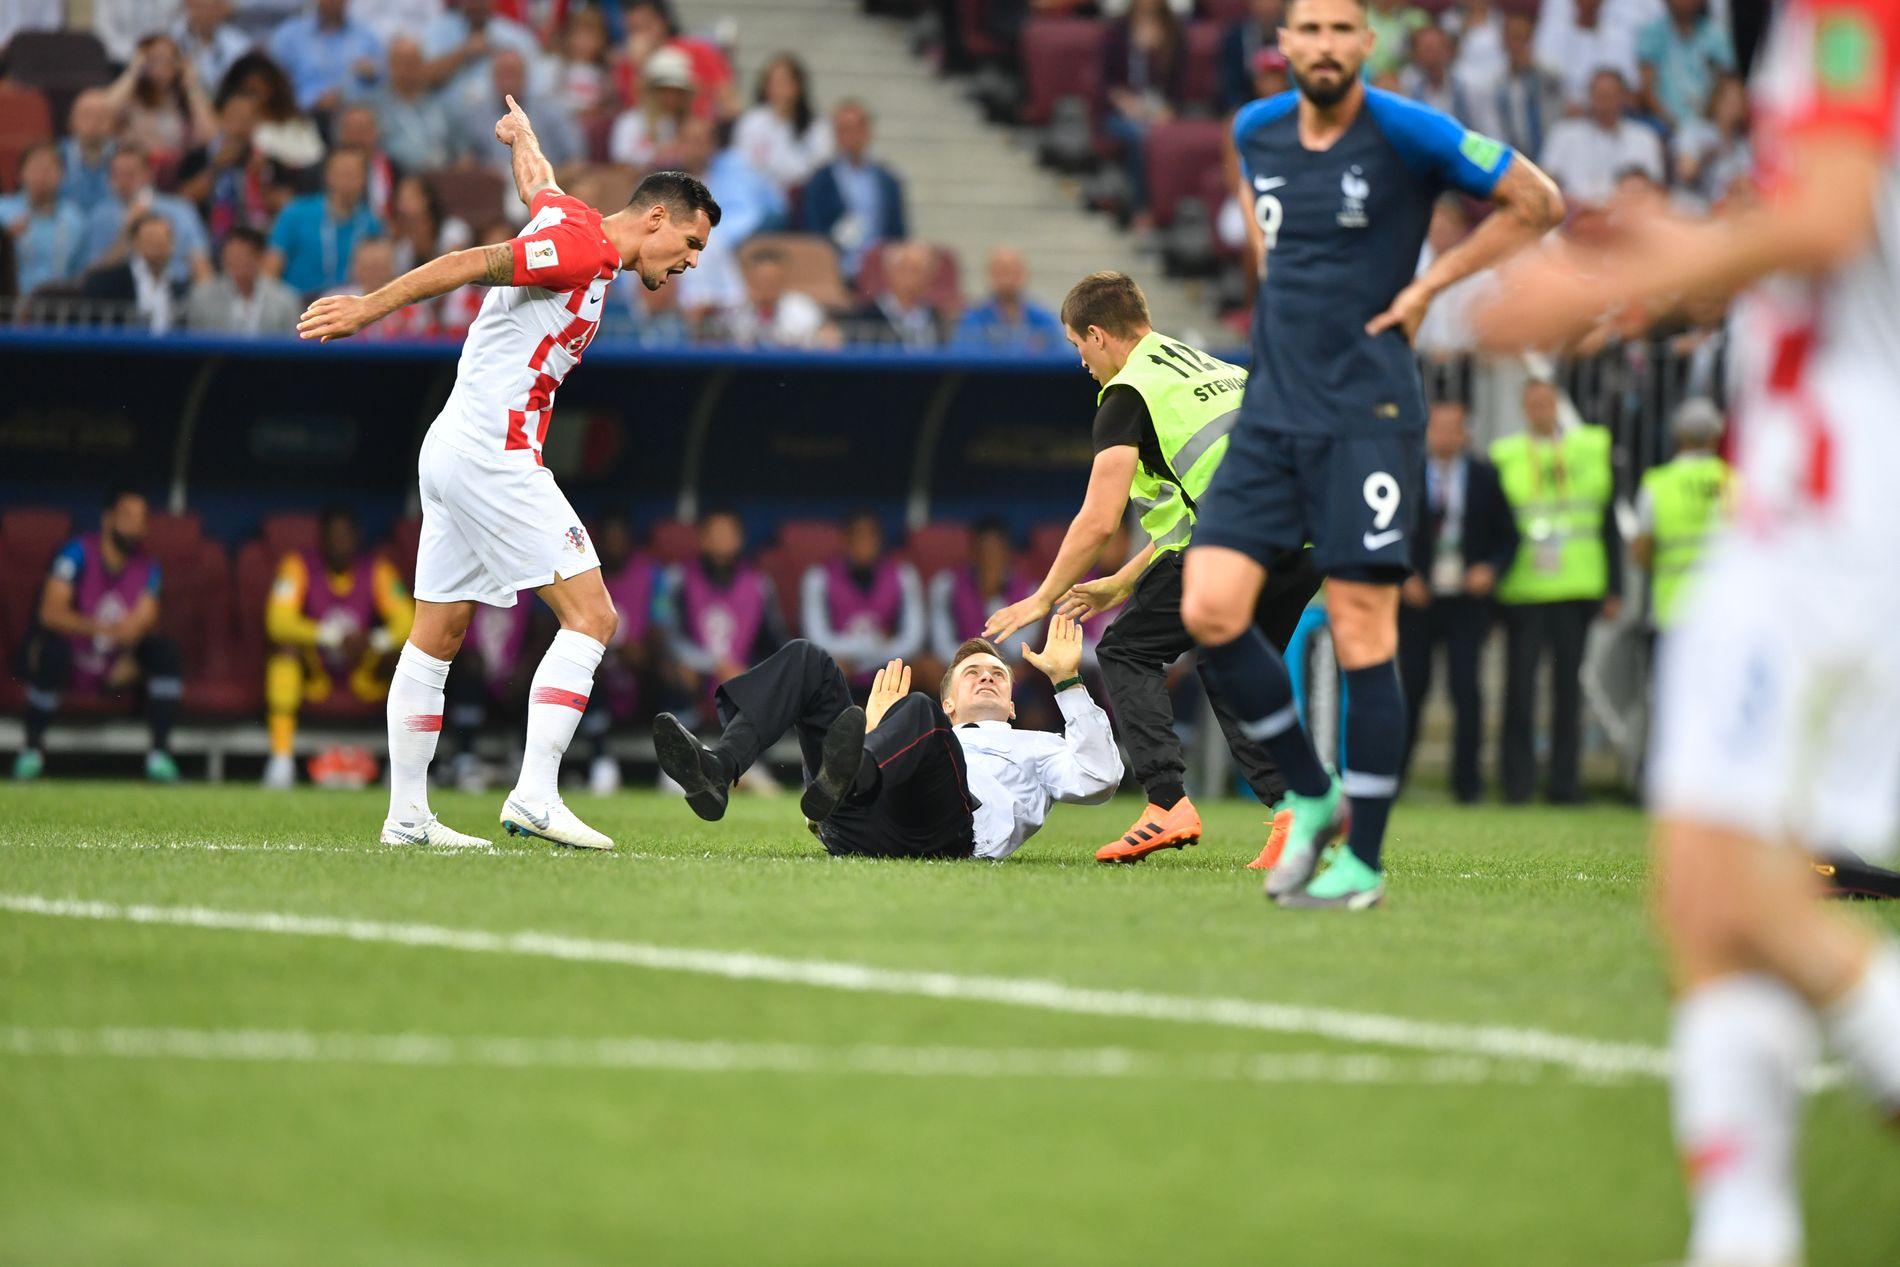 VM-FINALEN: Dejan Lovren skjeller ut Pjotr Verzilov, som ligger på bakken og er i ferd med å overmannes av en vakt.